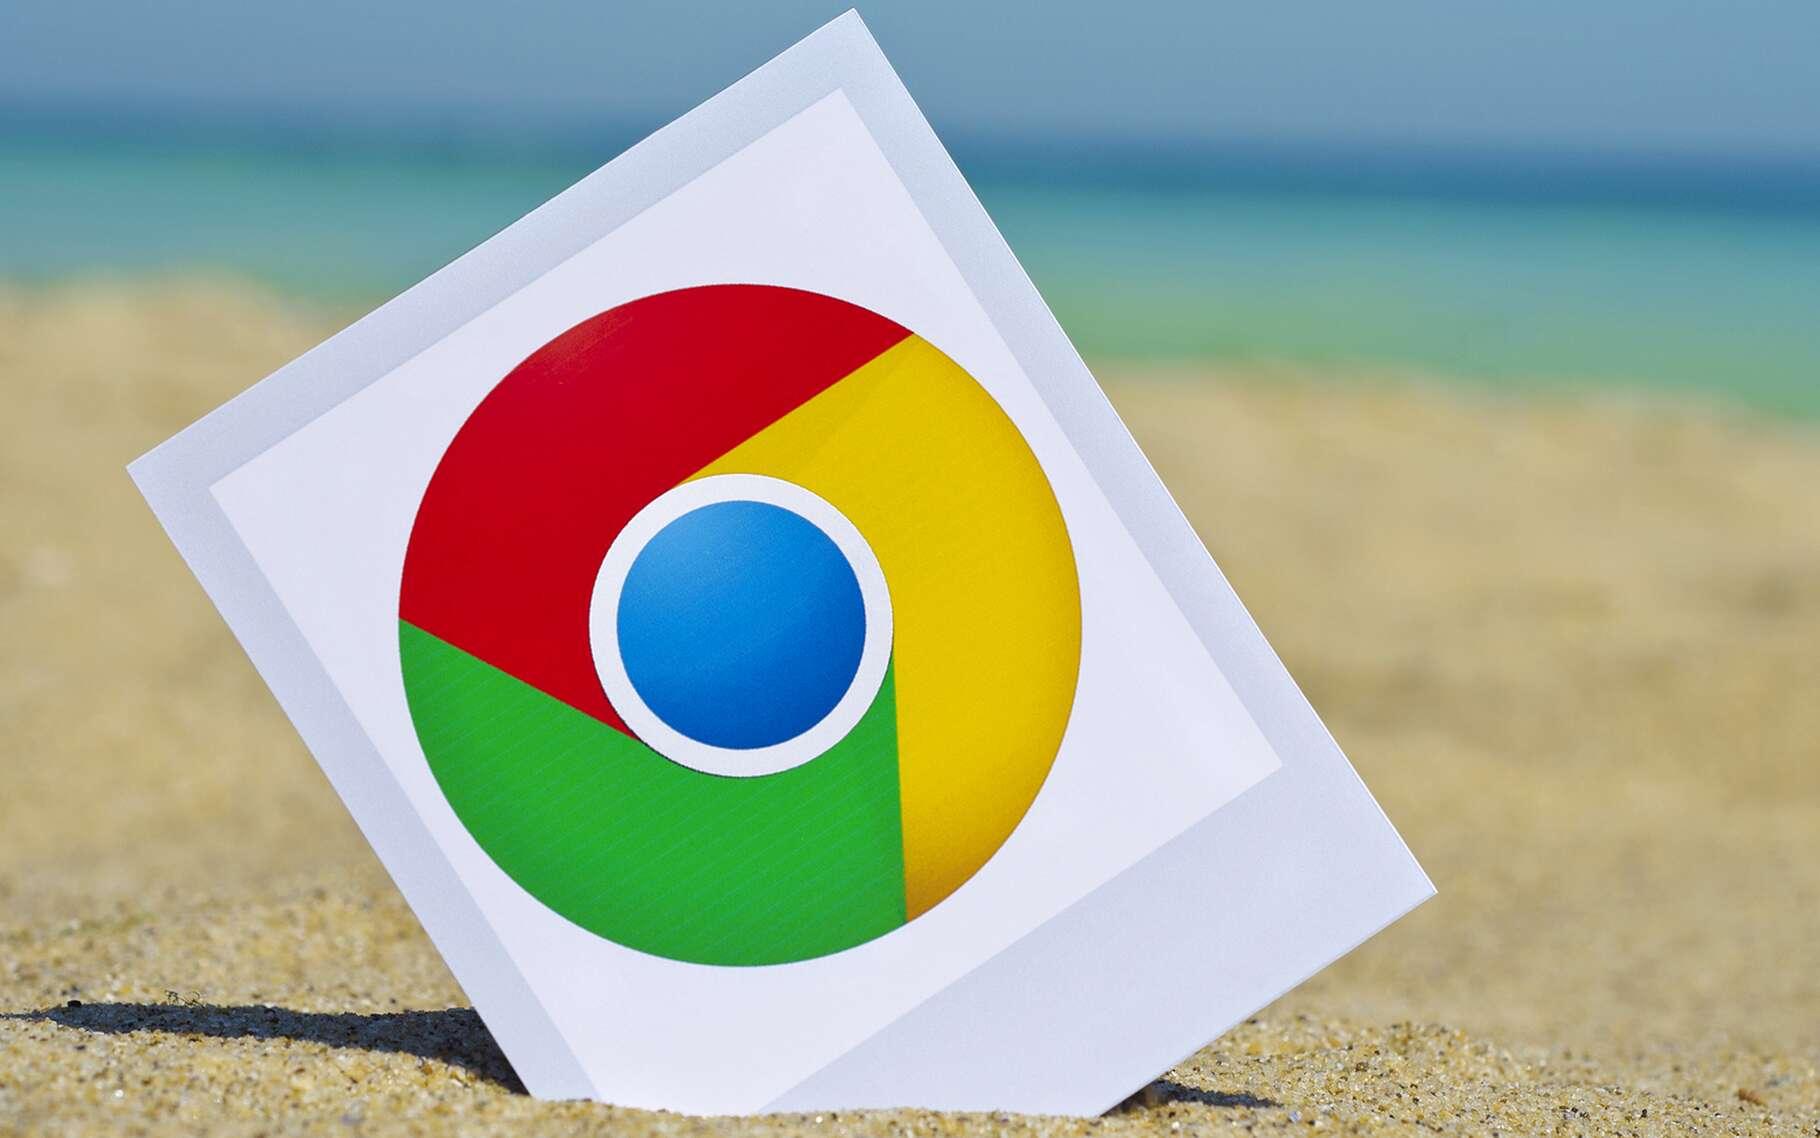 Comment réaliser une capture d'écran d'une page Internet entière via Chrome ? © tanuha2001, Shutterstock